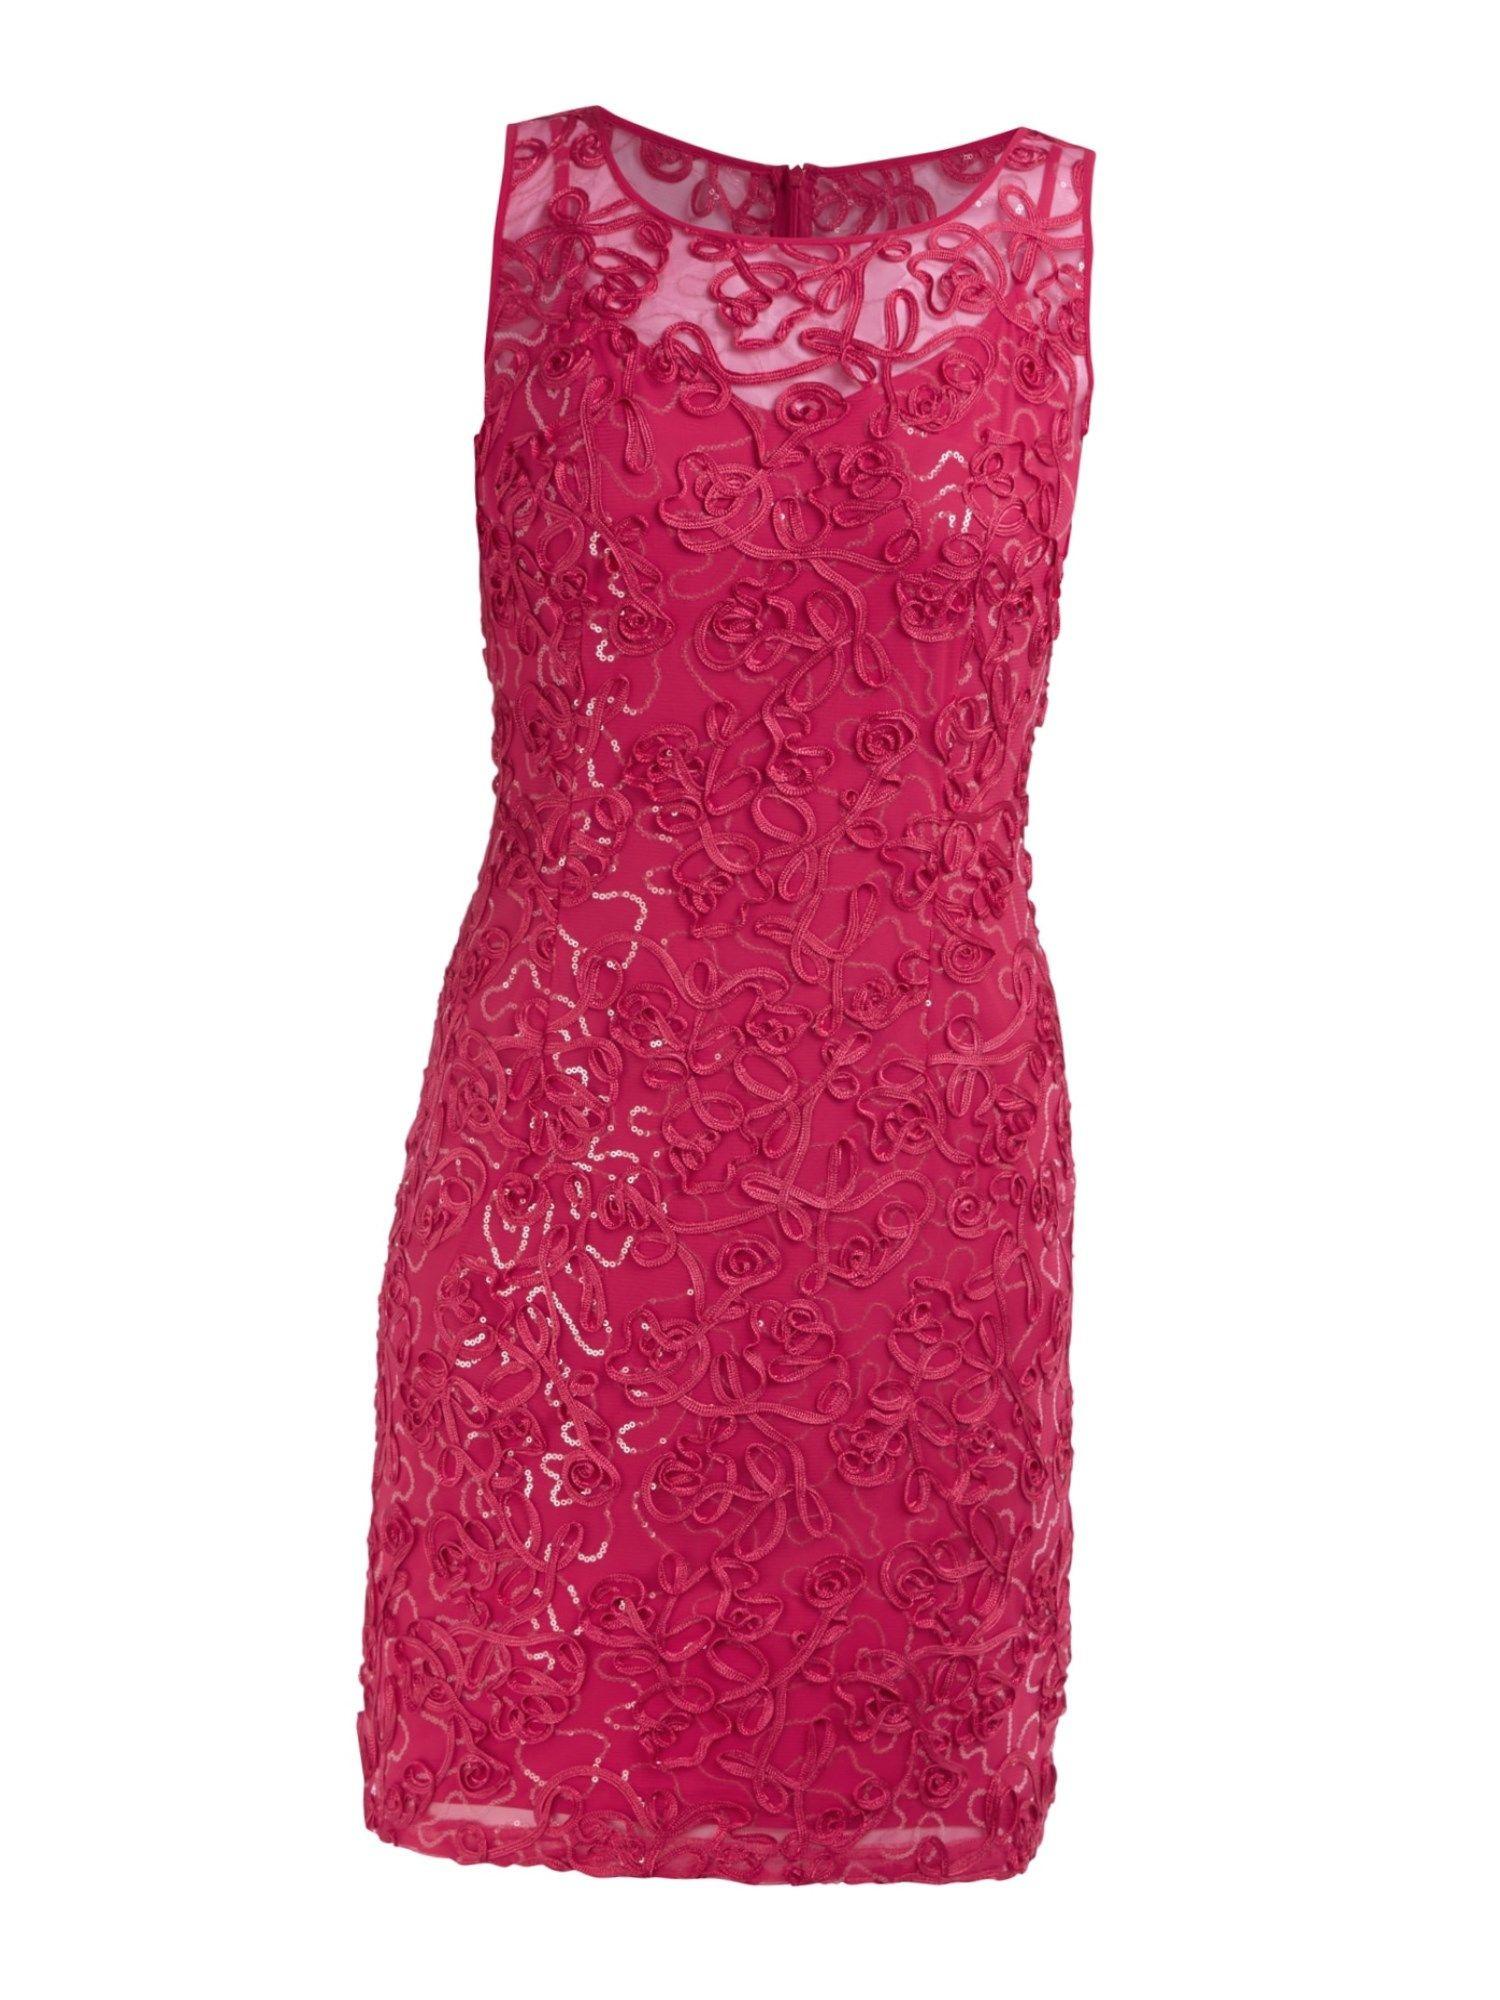 16 Luxus S Oliver Abendkleider Stylish - Abendkleid